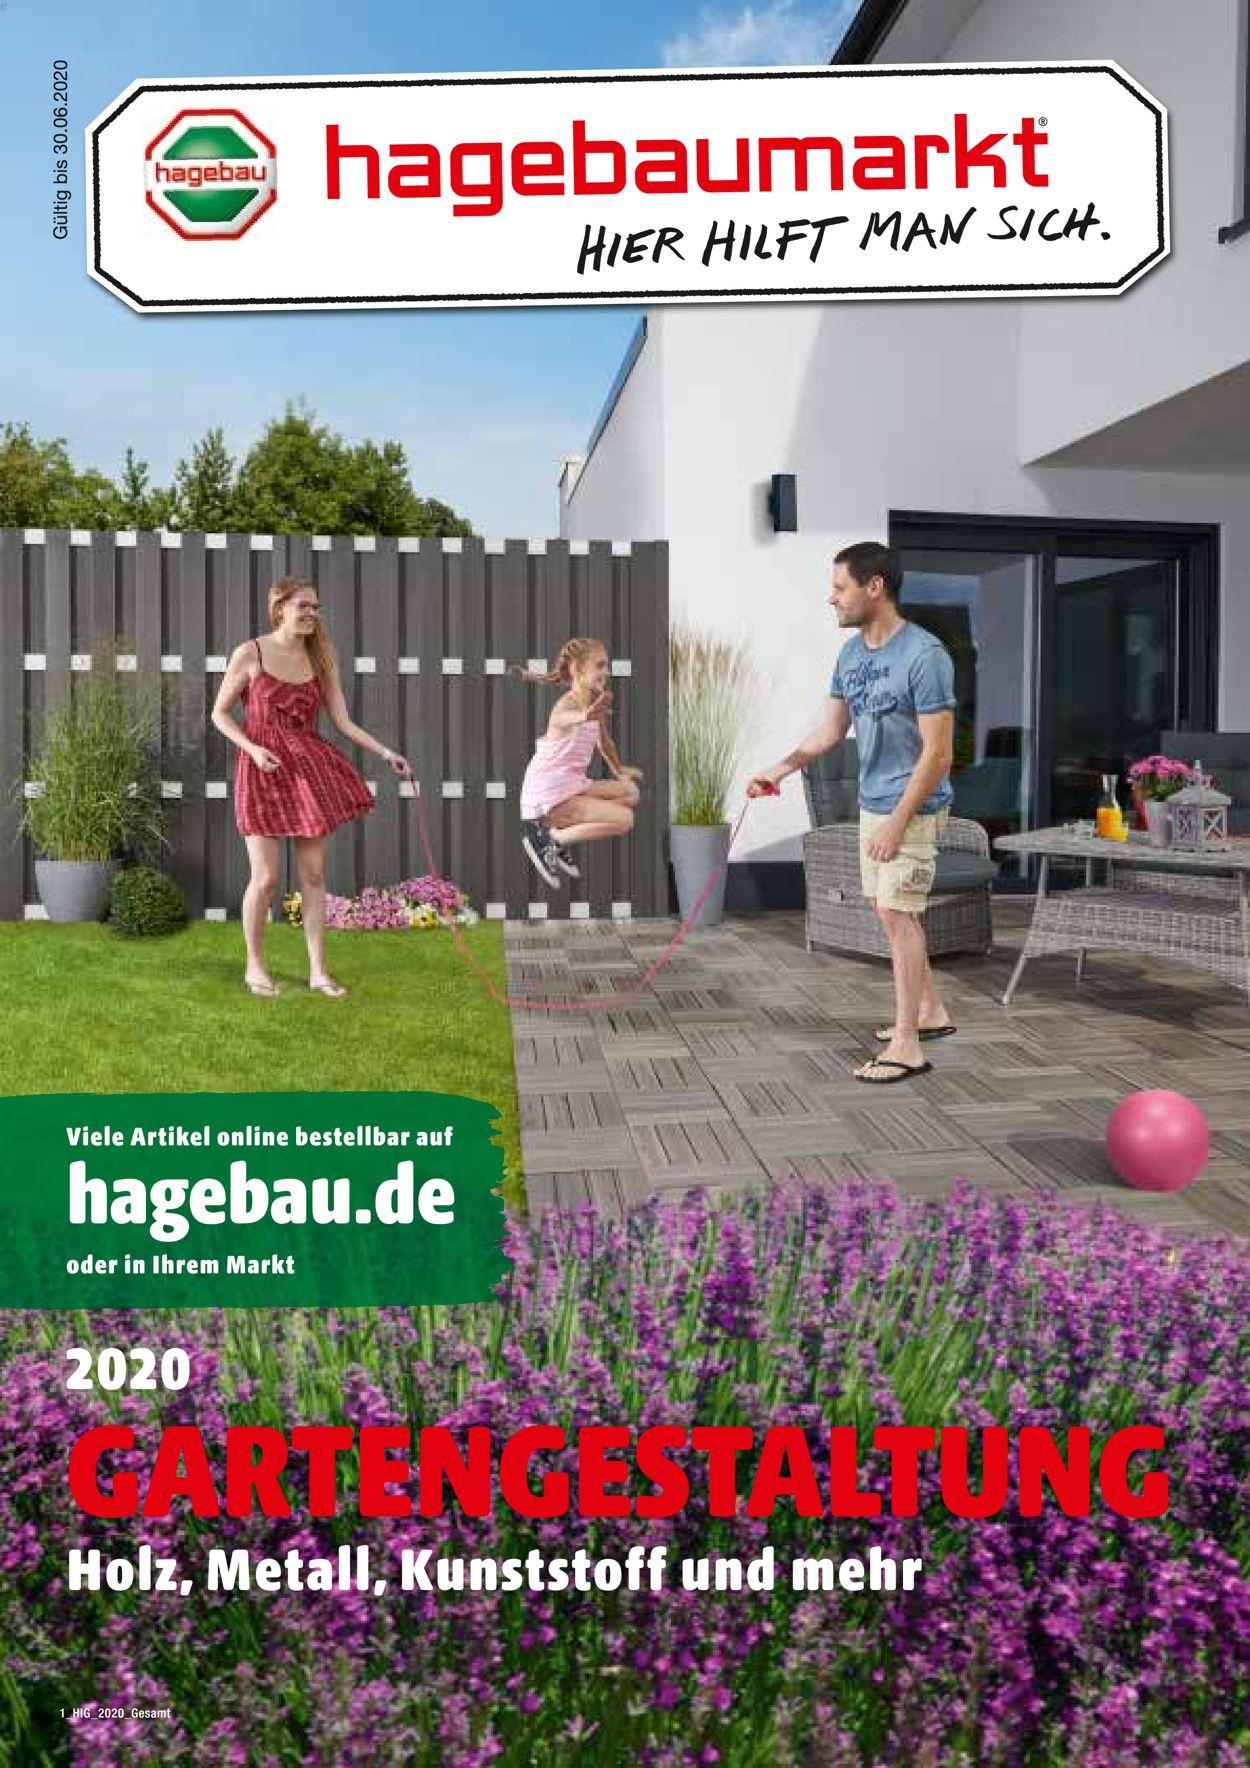 hagebaumarkt Prospekt - Aktuell vom 01.06-30.06.2020